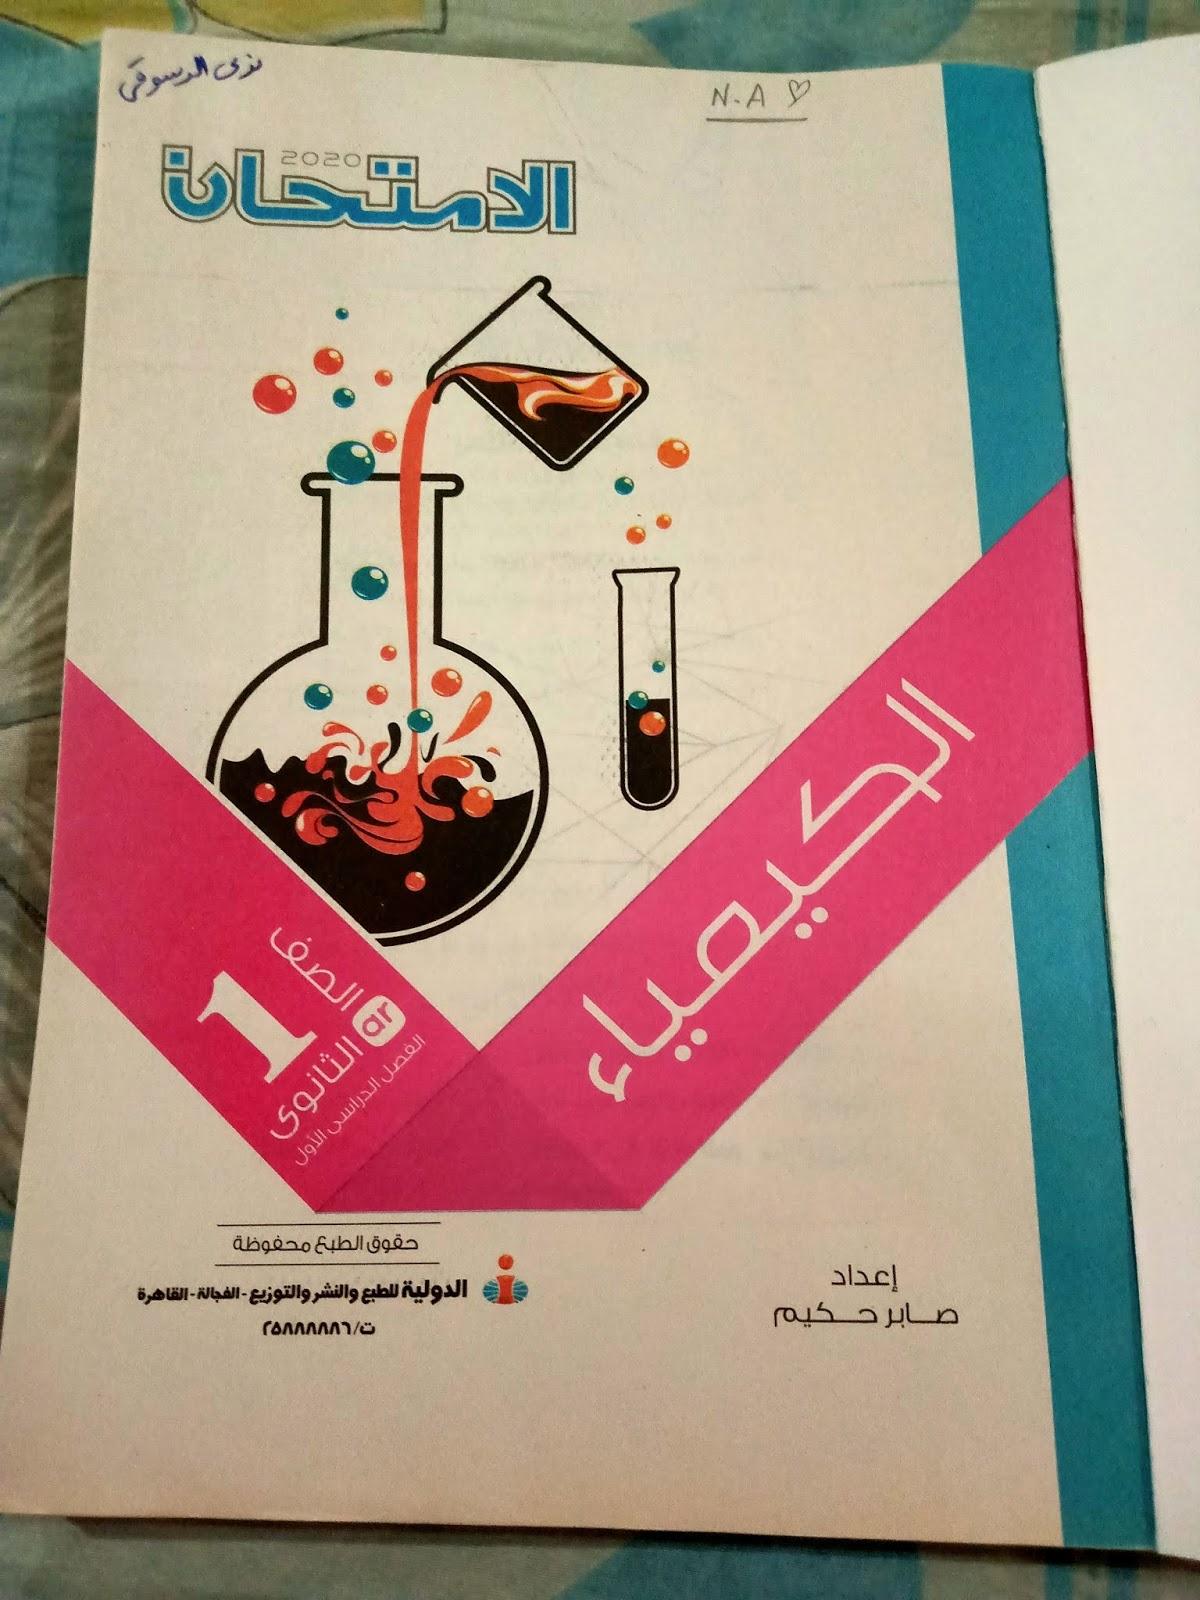 تحميل كتاب الامتحان فى الكيمياء pdf للصف الاول الثانوى الترم الأول 2020